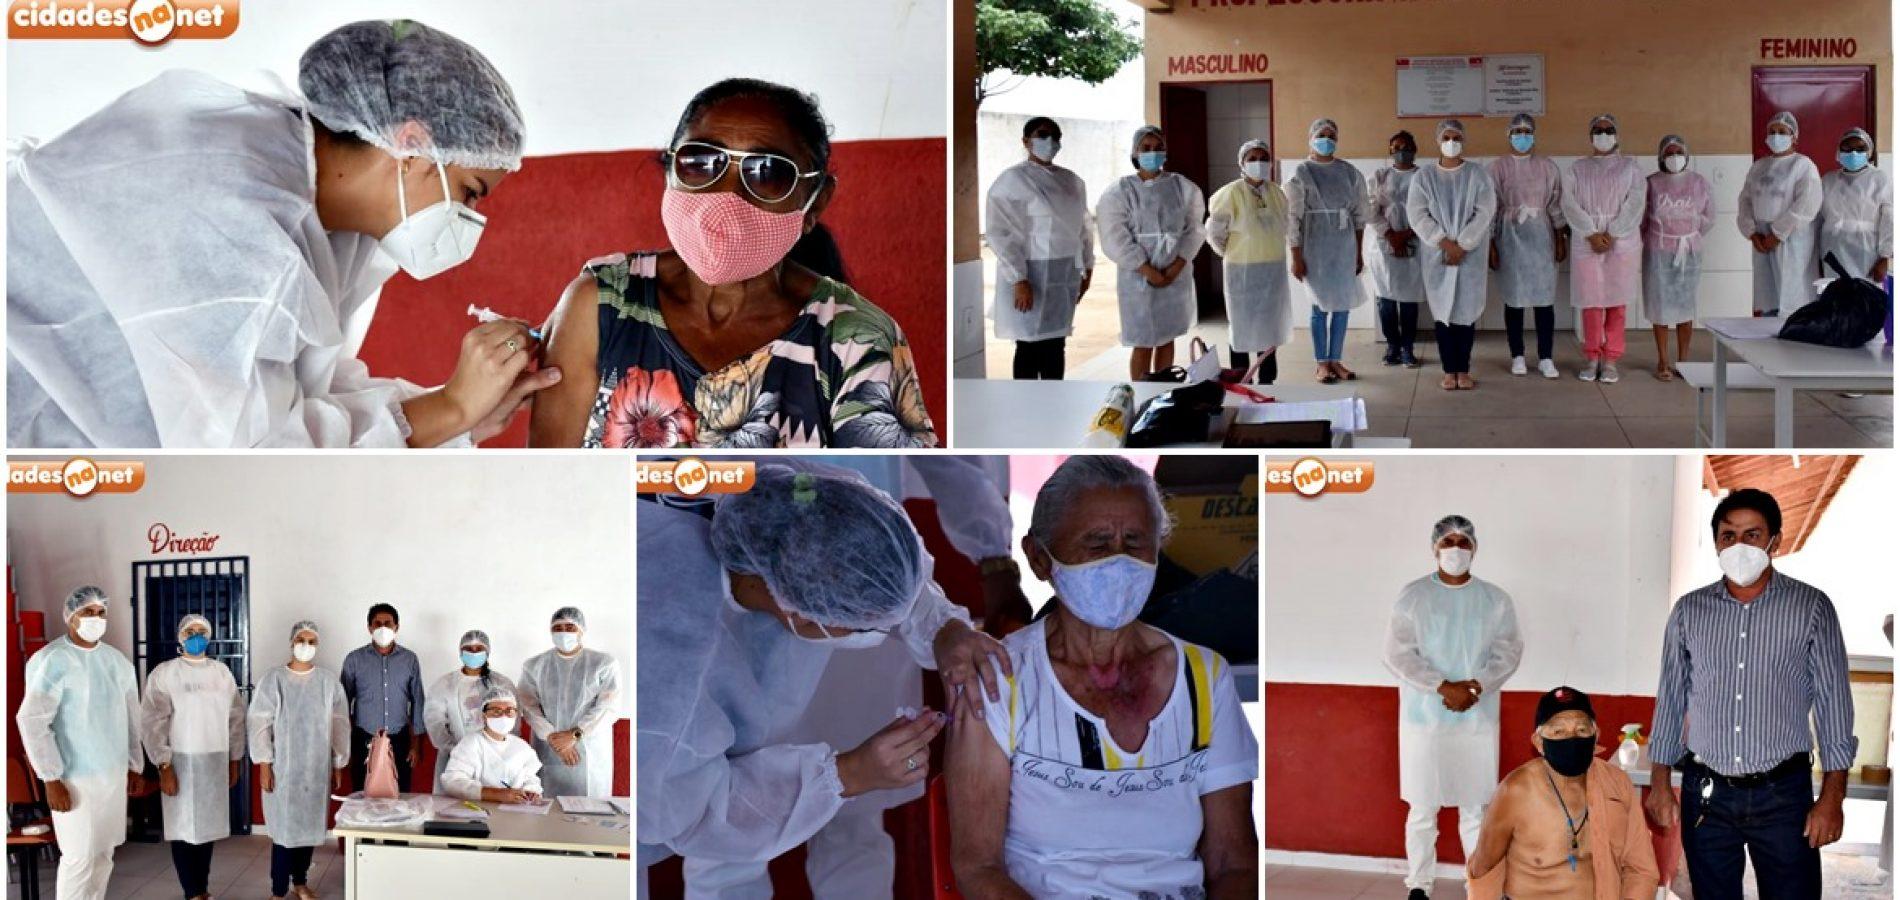 Vacinação contra Covid-19 avança e imuniza mais de 100 idosos em Marcolândia; fotos